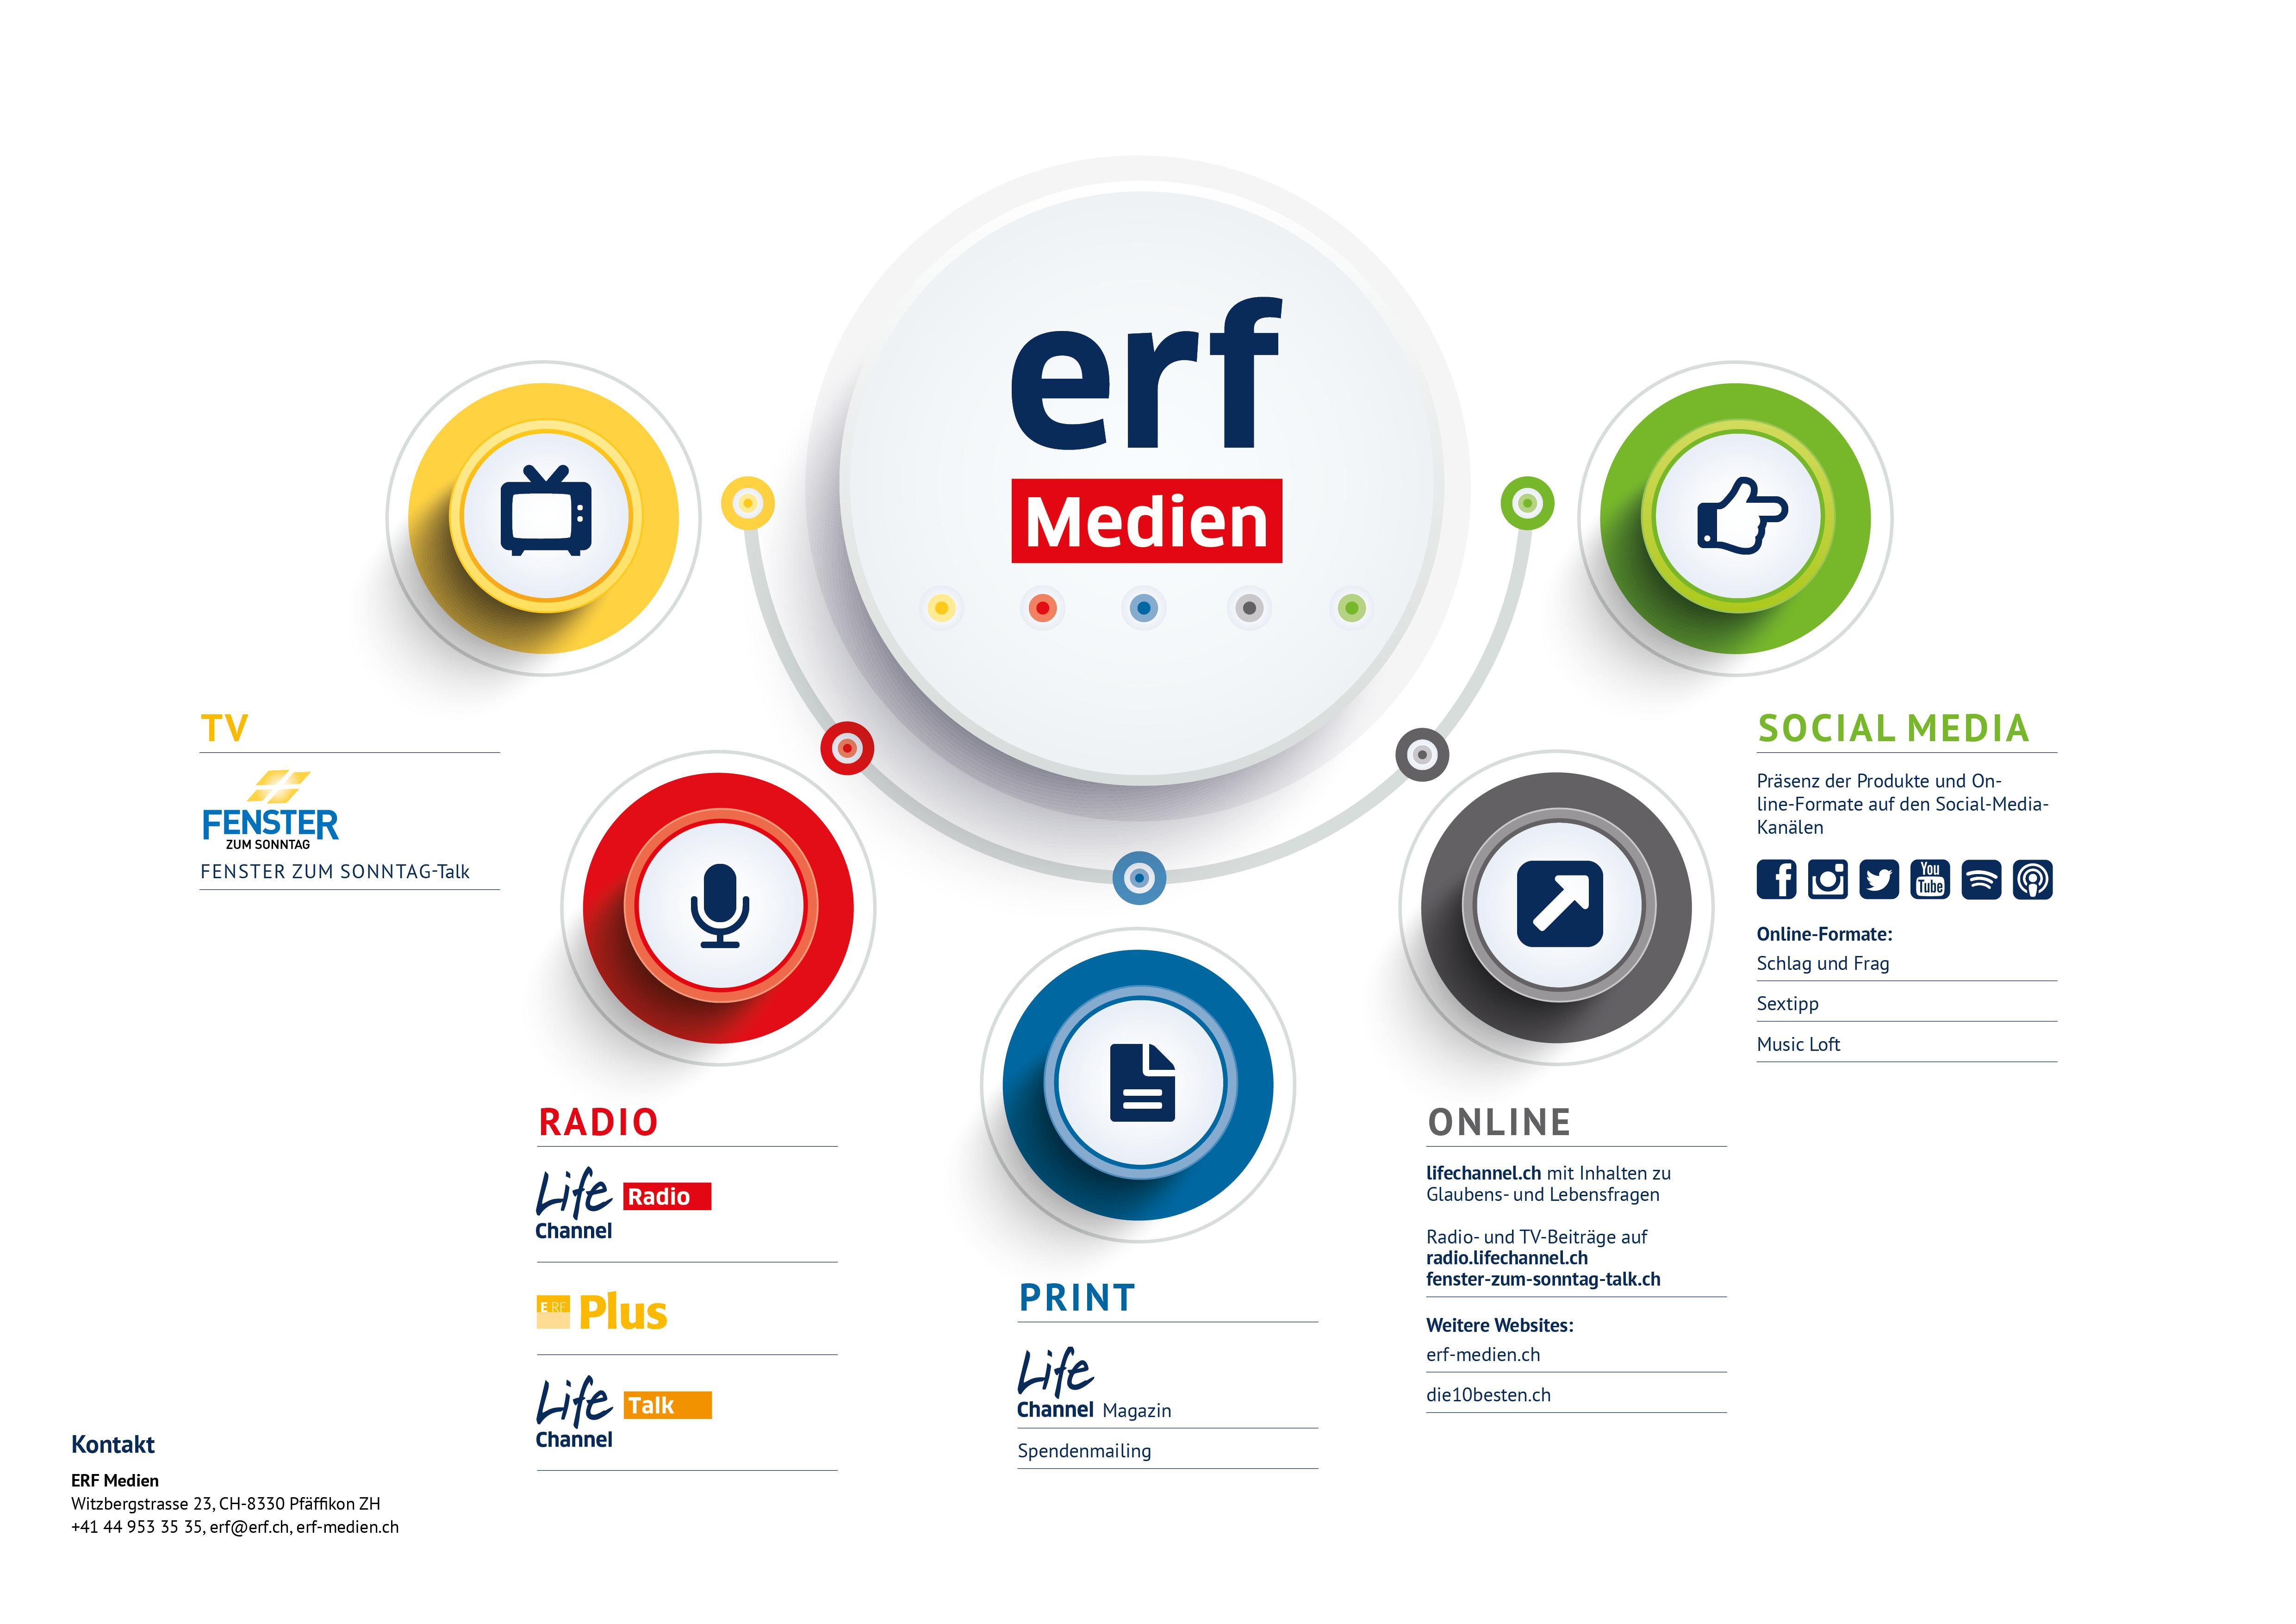 ERF-Medien: Christliche Medien. Beiträge in Radio. TV. Print.